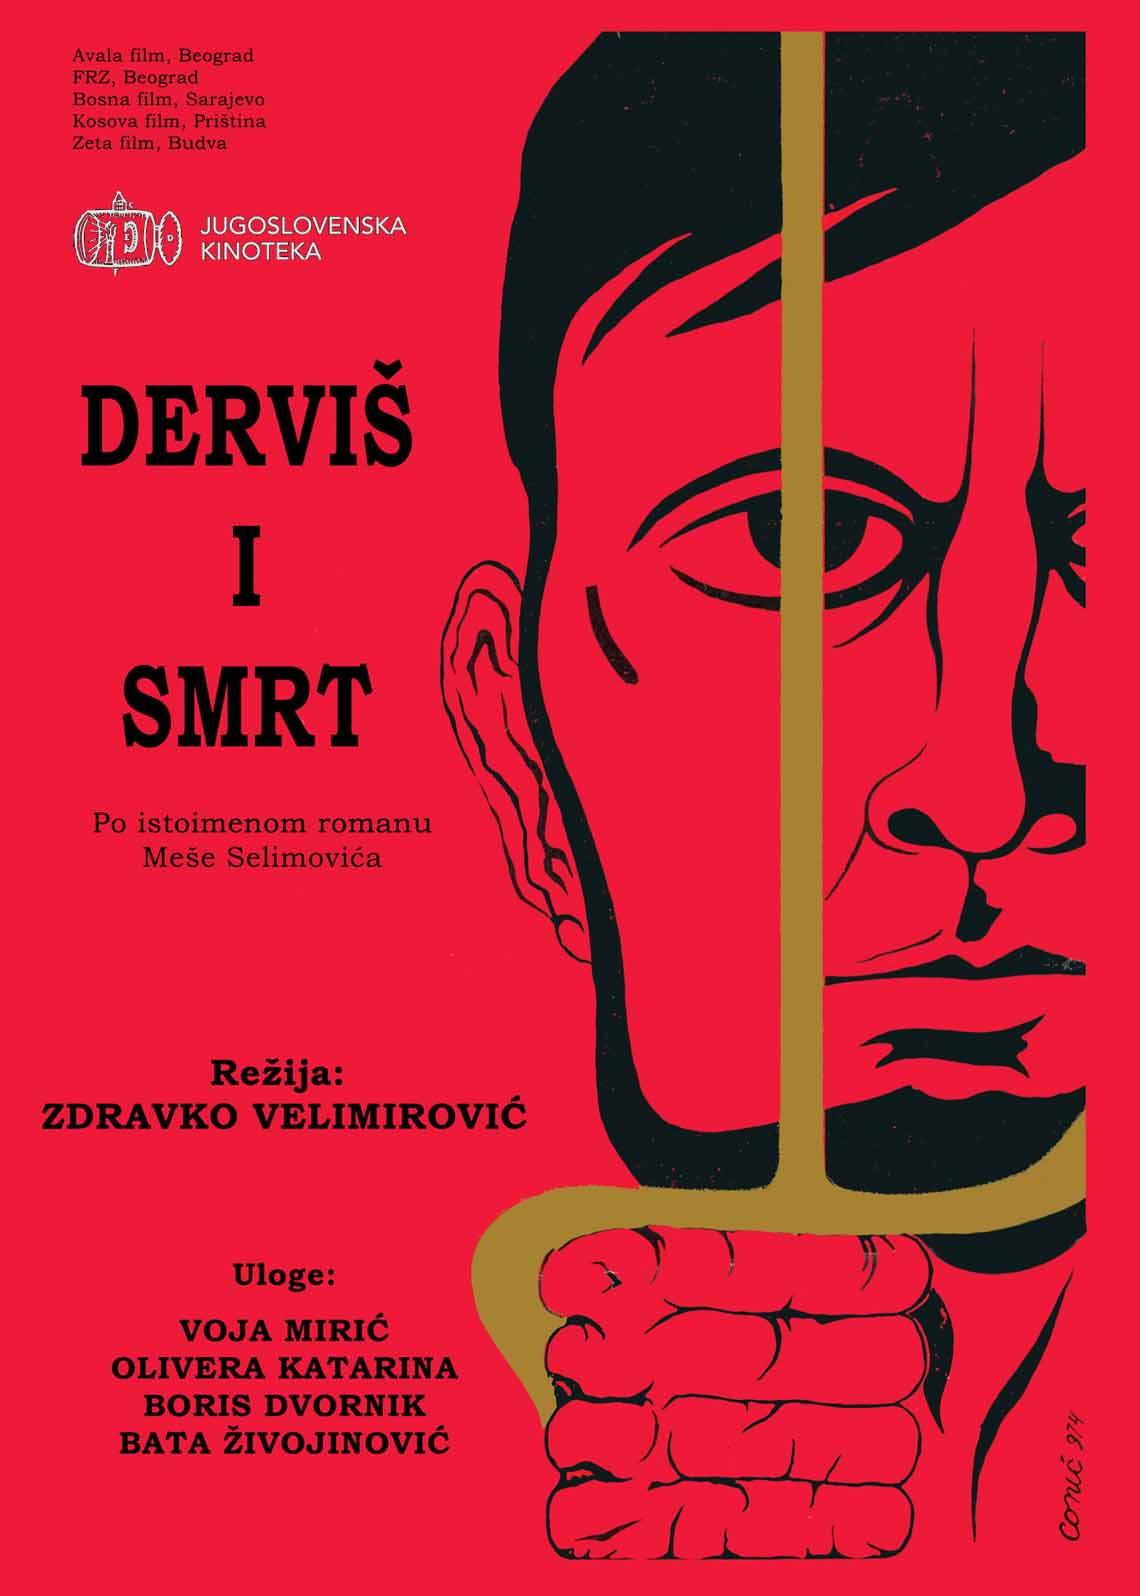 Dervis i smrt 1974 – plakat